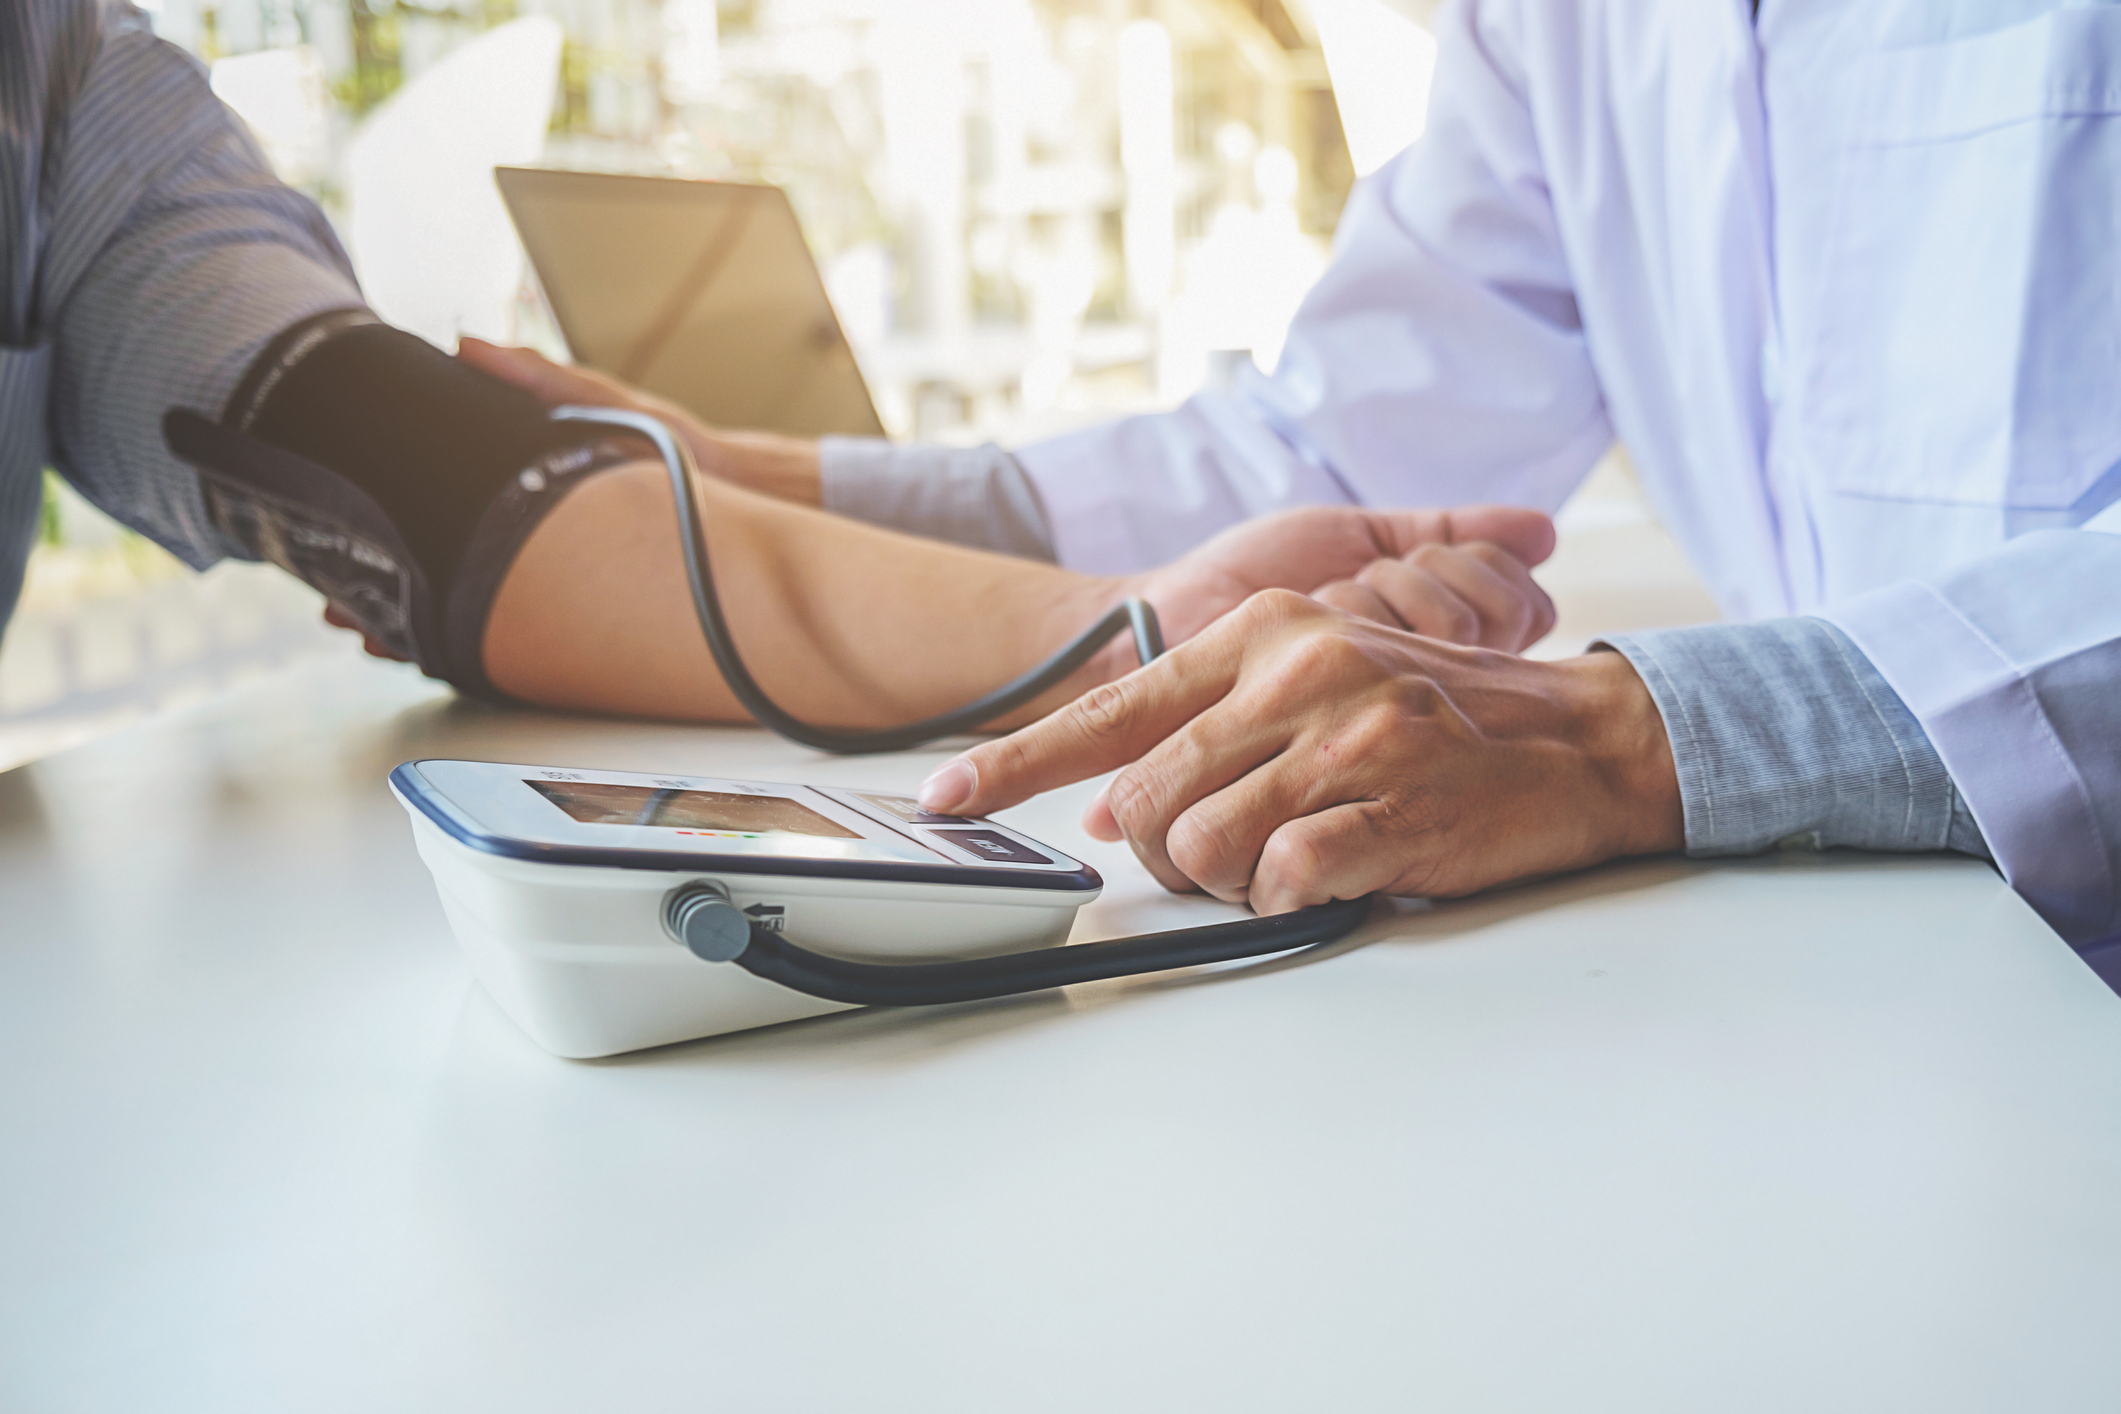 2 nap alatt gyógyítsa meg a magas vérnyomást kirakodás és étrendi terápia magas vérnyomás esetén